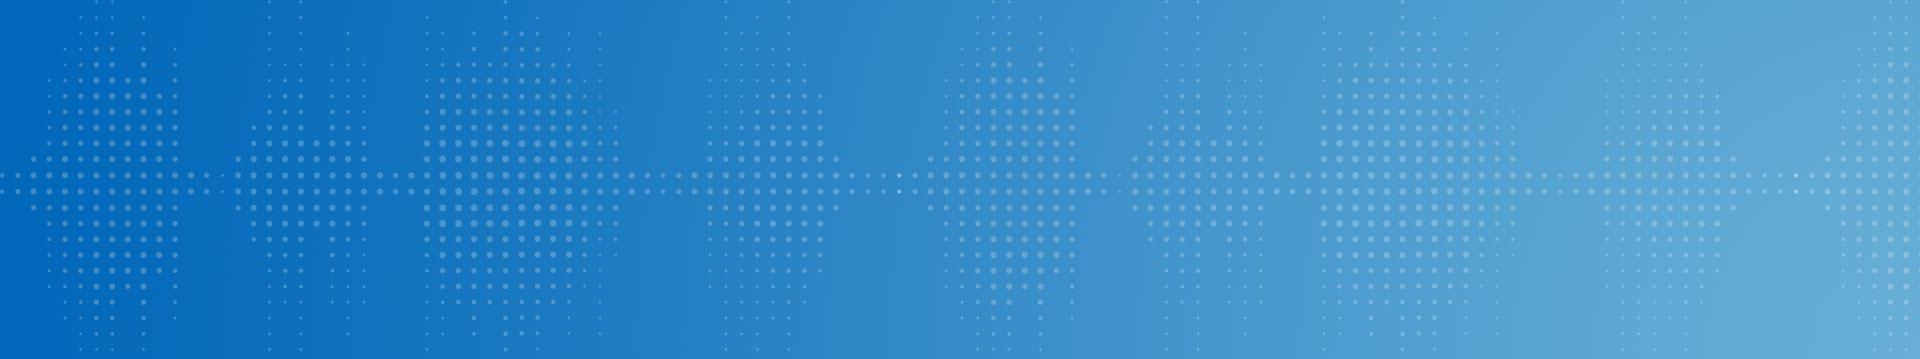 Sfondo blu con gradiente e punti